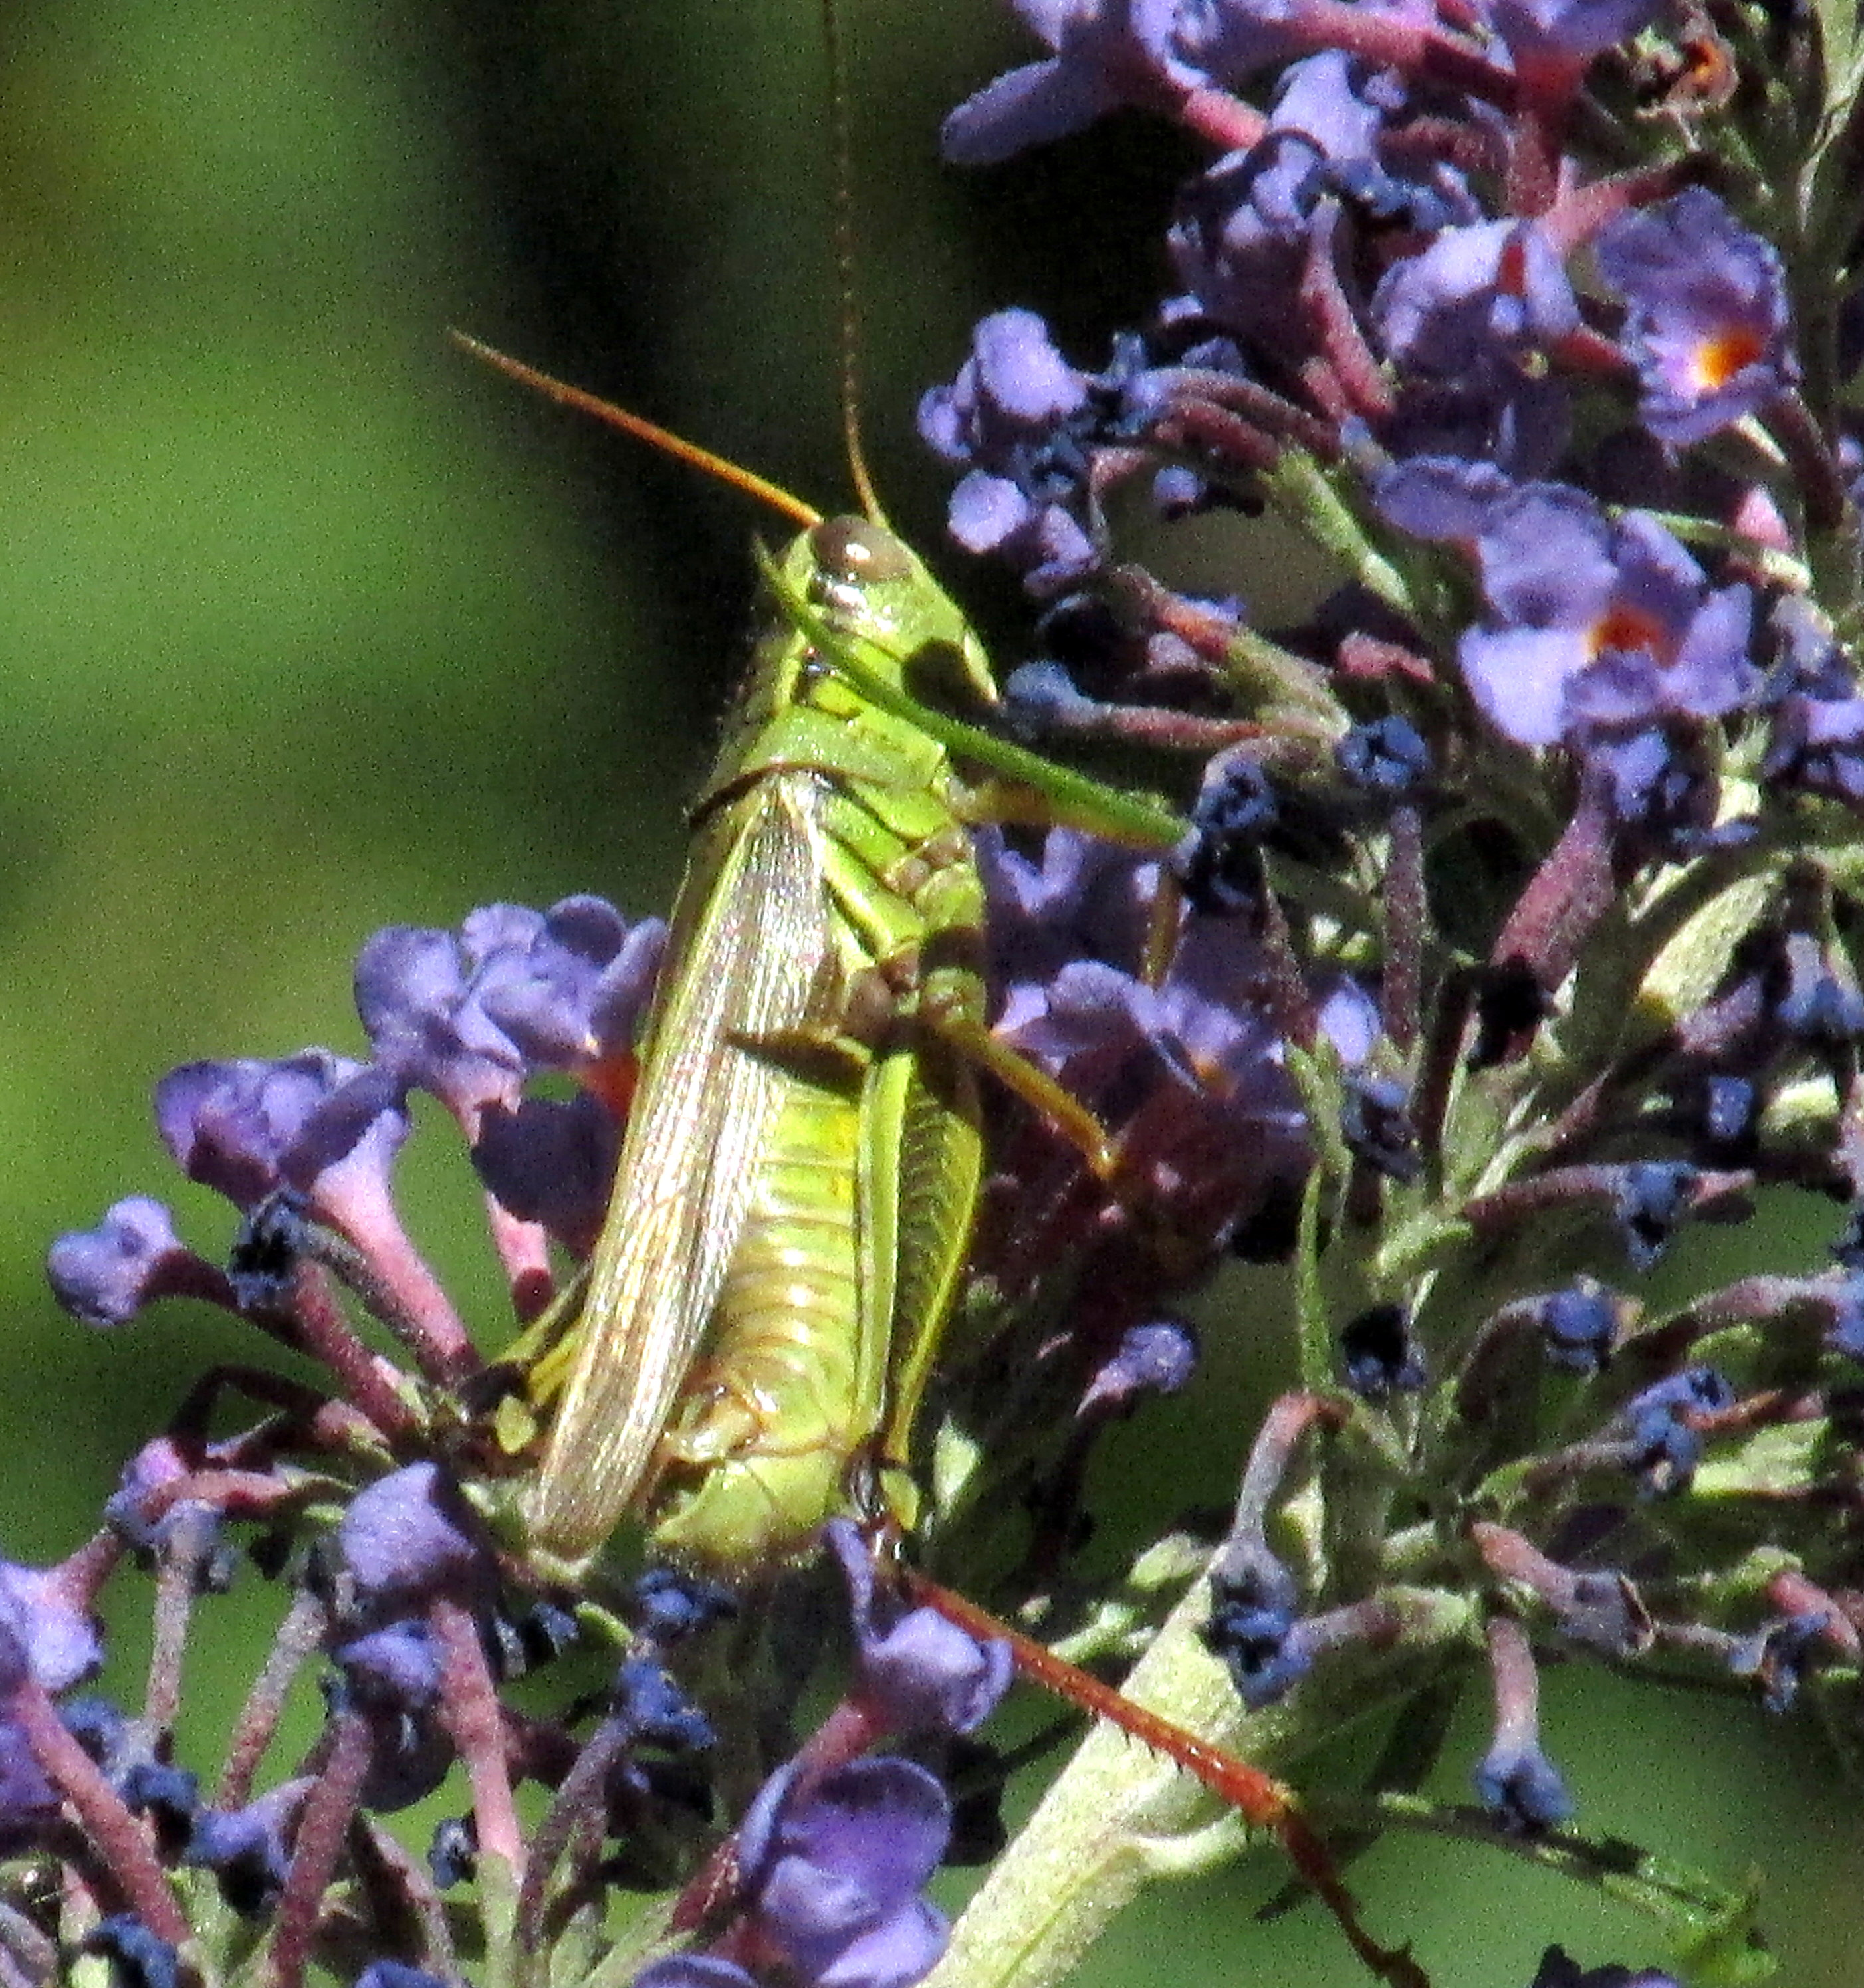 redfemuredgrasshopperbutterflybushflower6Aug2020